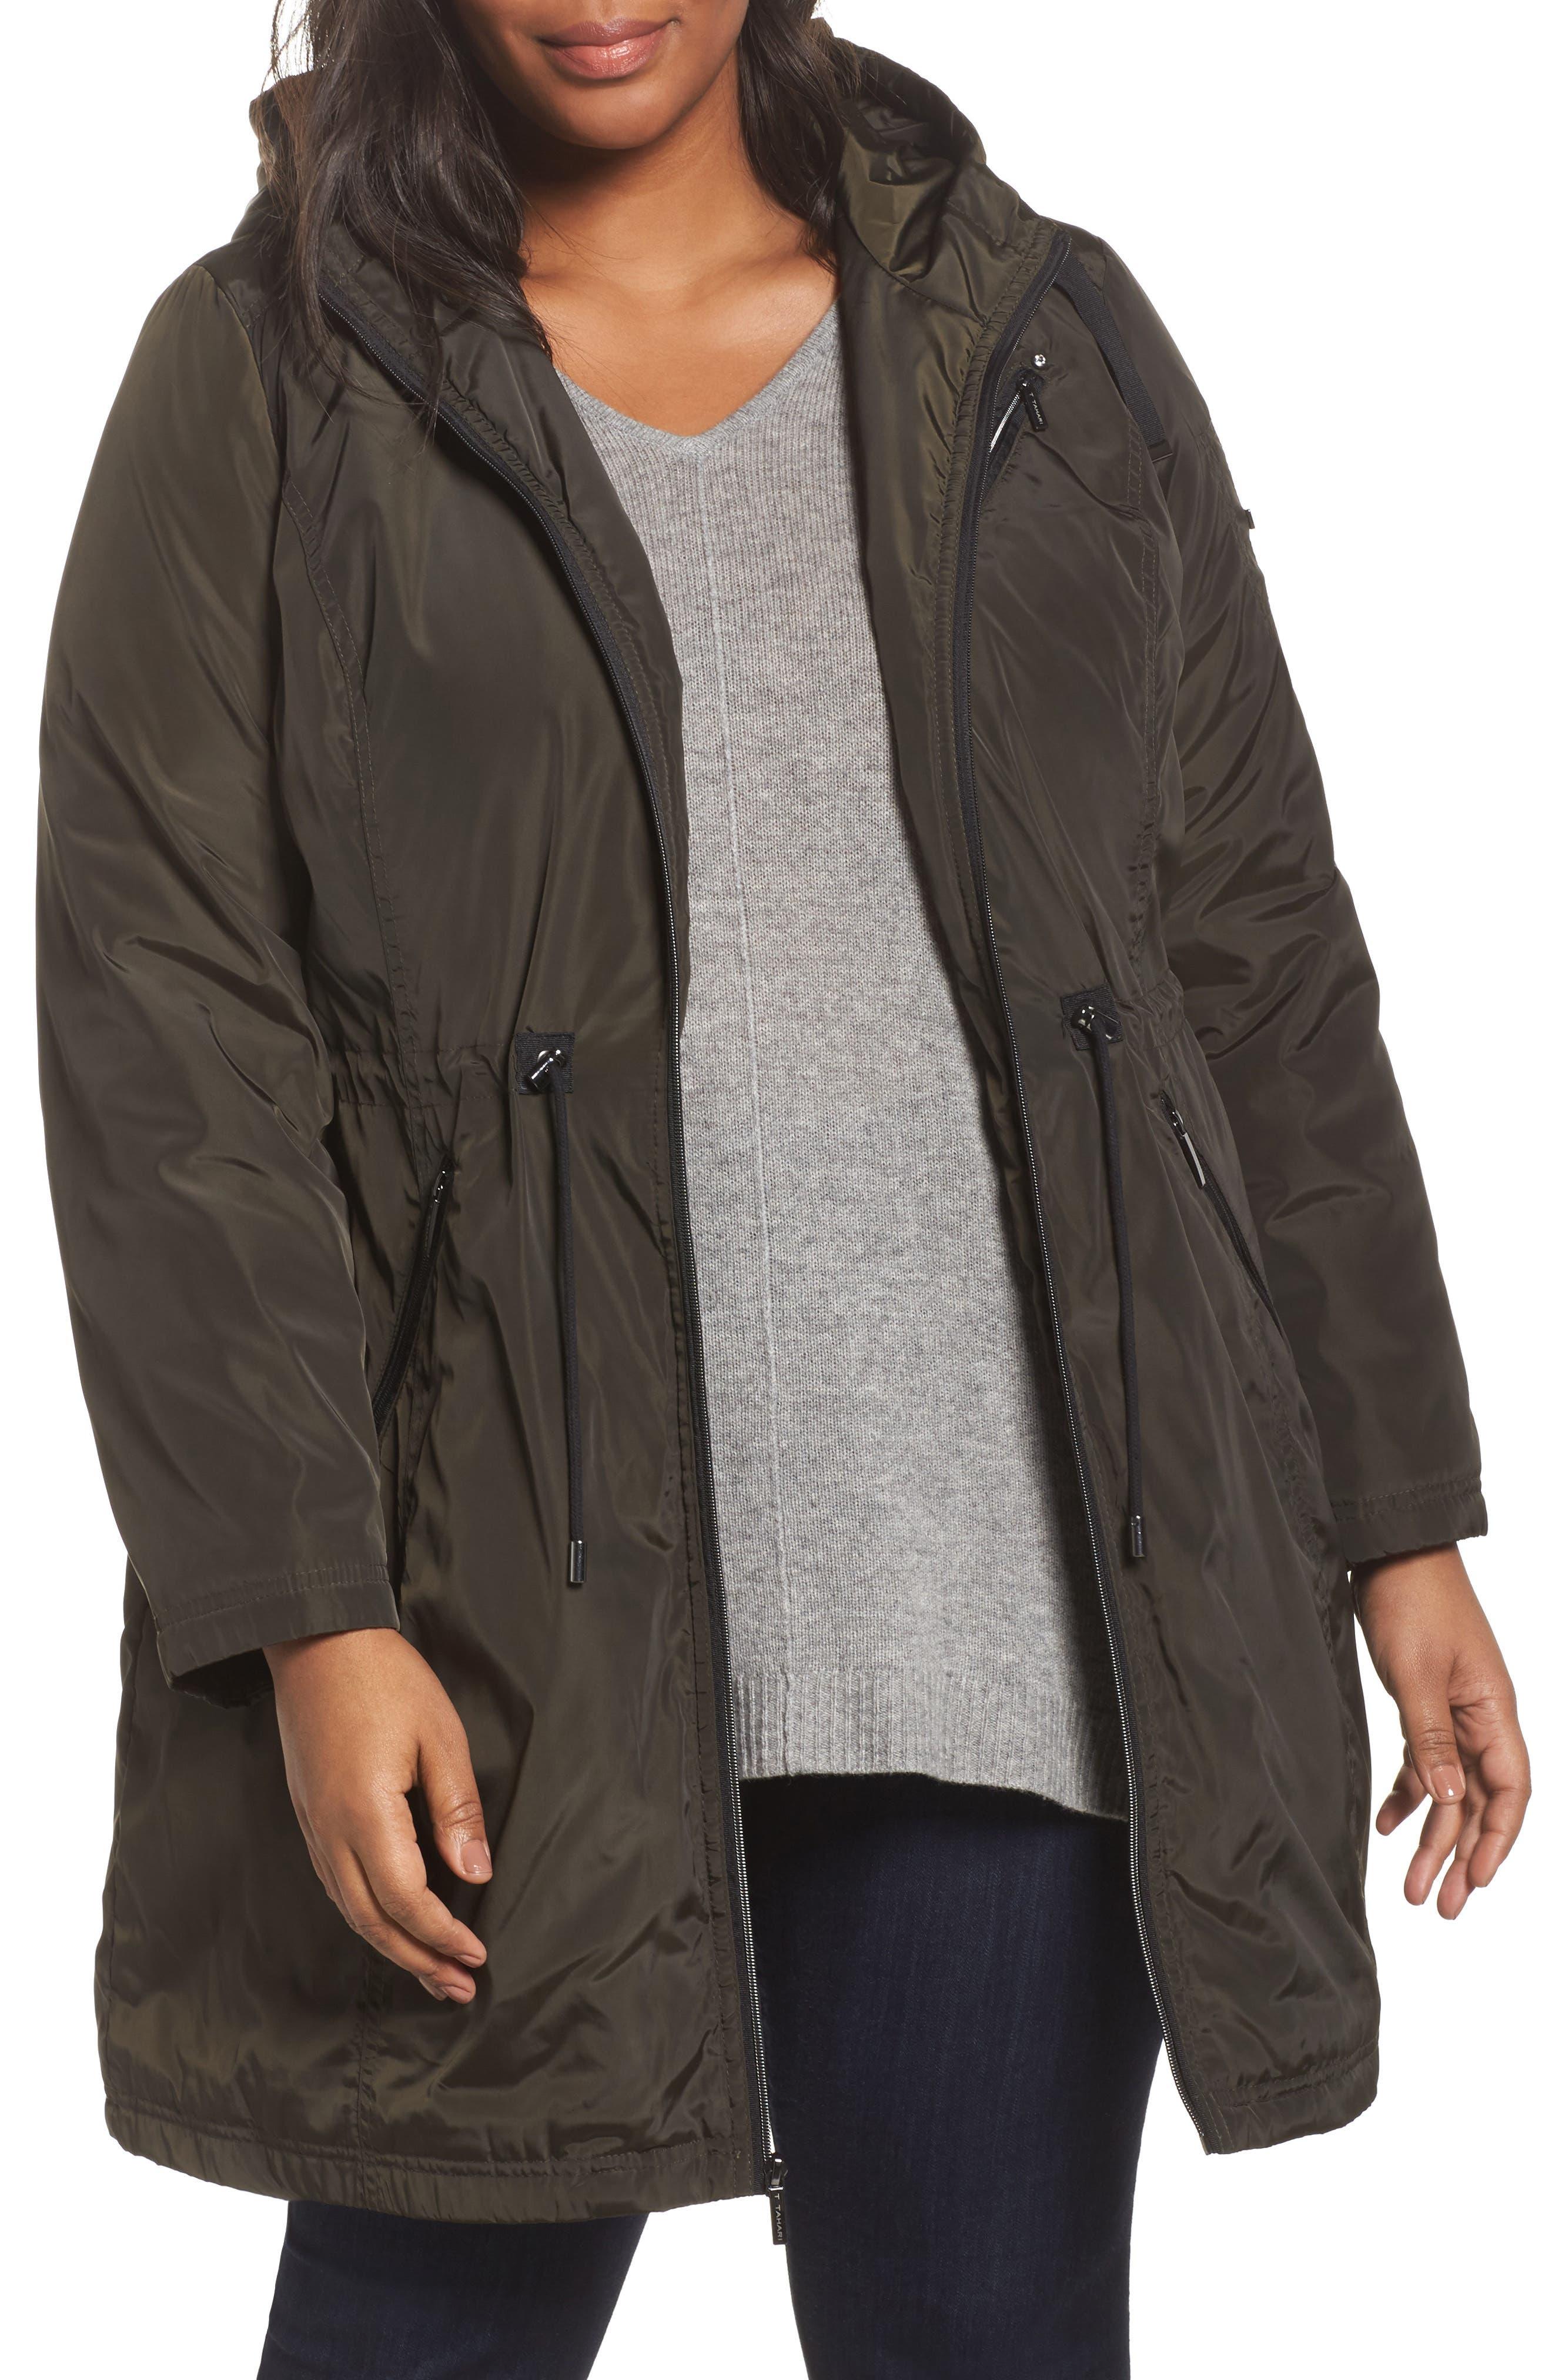 Main Image - Tahari Tiffany Raincoat (Plus Size)